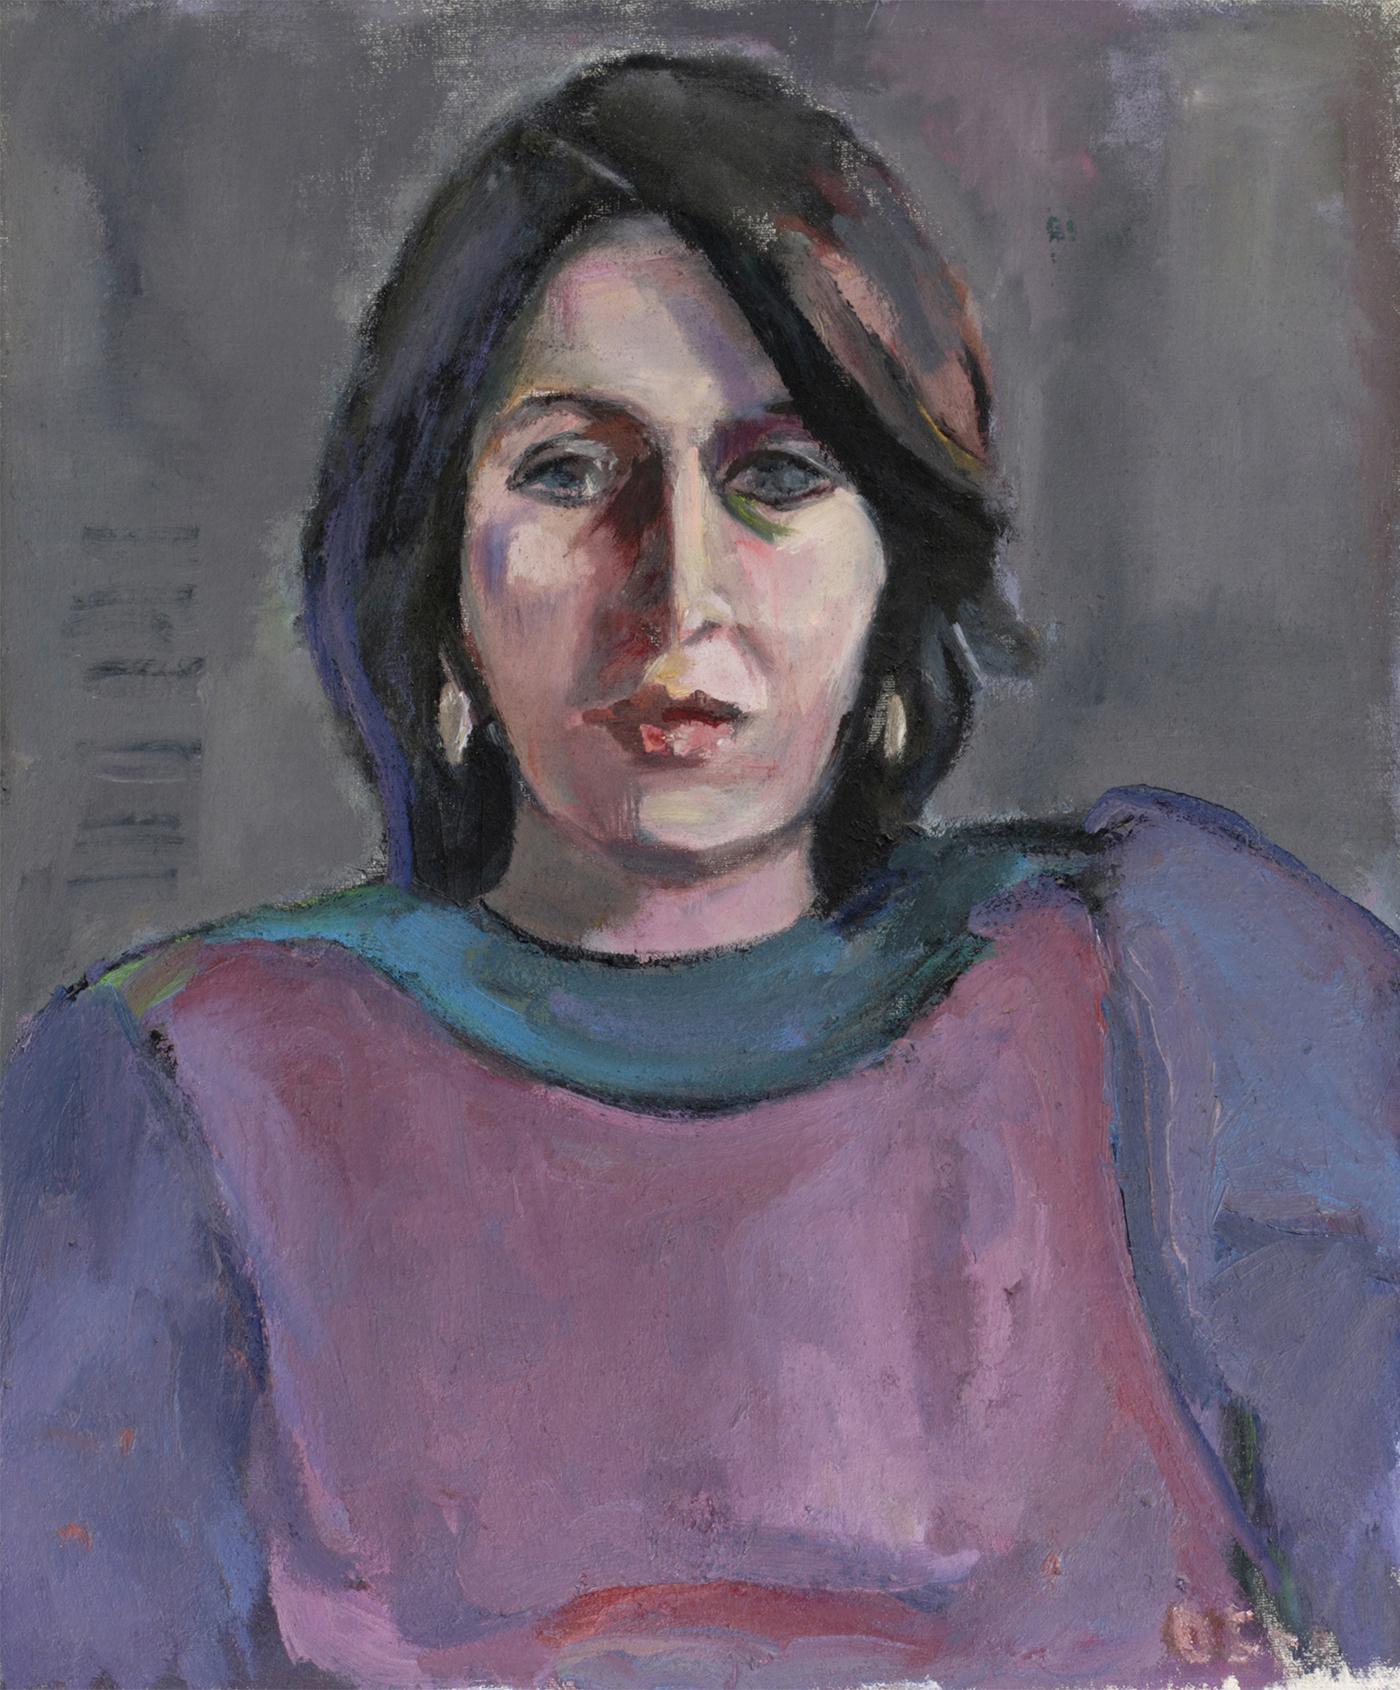 Портрет на Жени Белопитова от Олга Белопитова